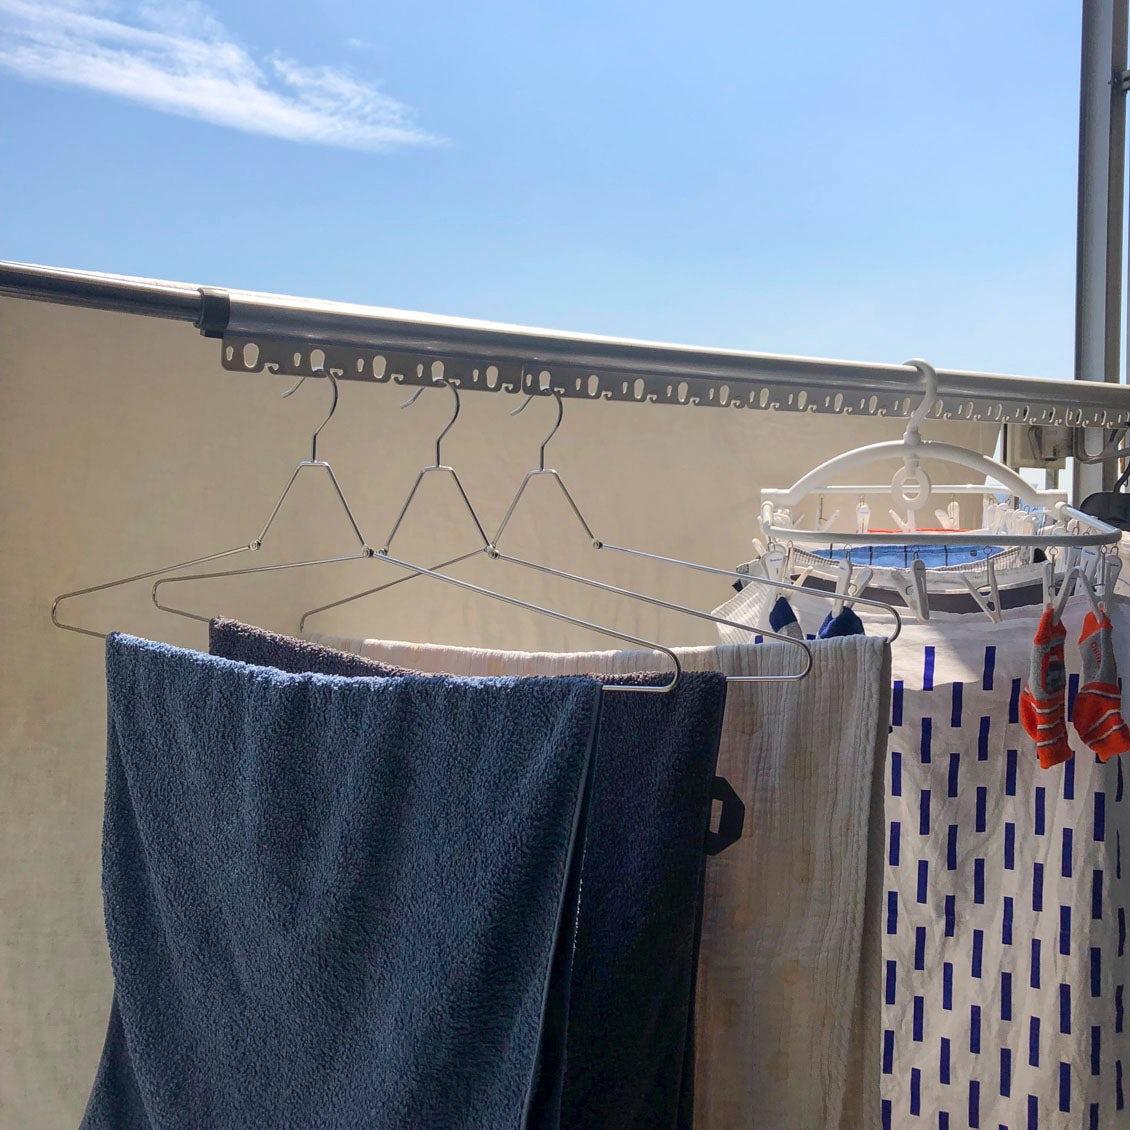 【スタッフの愛用品】もう手放せない!折りたためるバスタオルハンガーで、洗濯物干しがぐっと快適になりました。